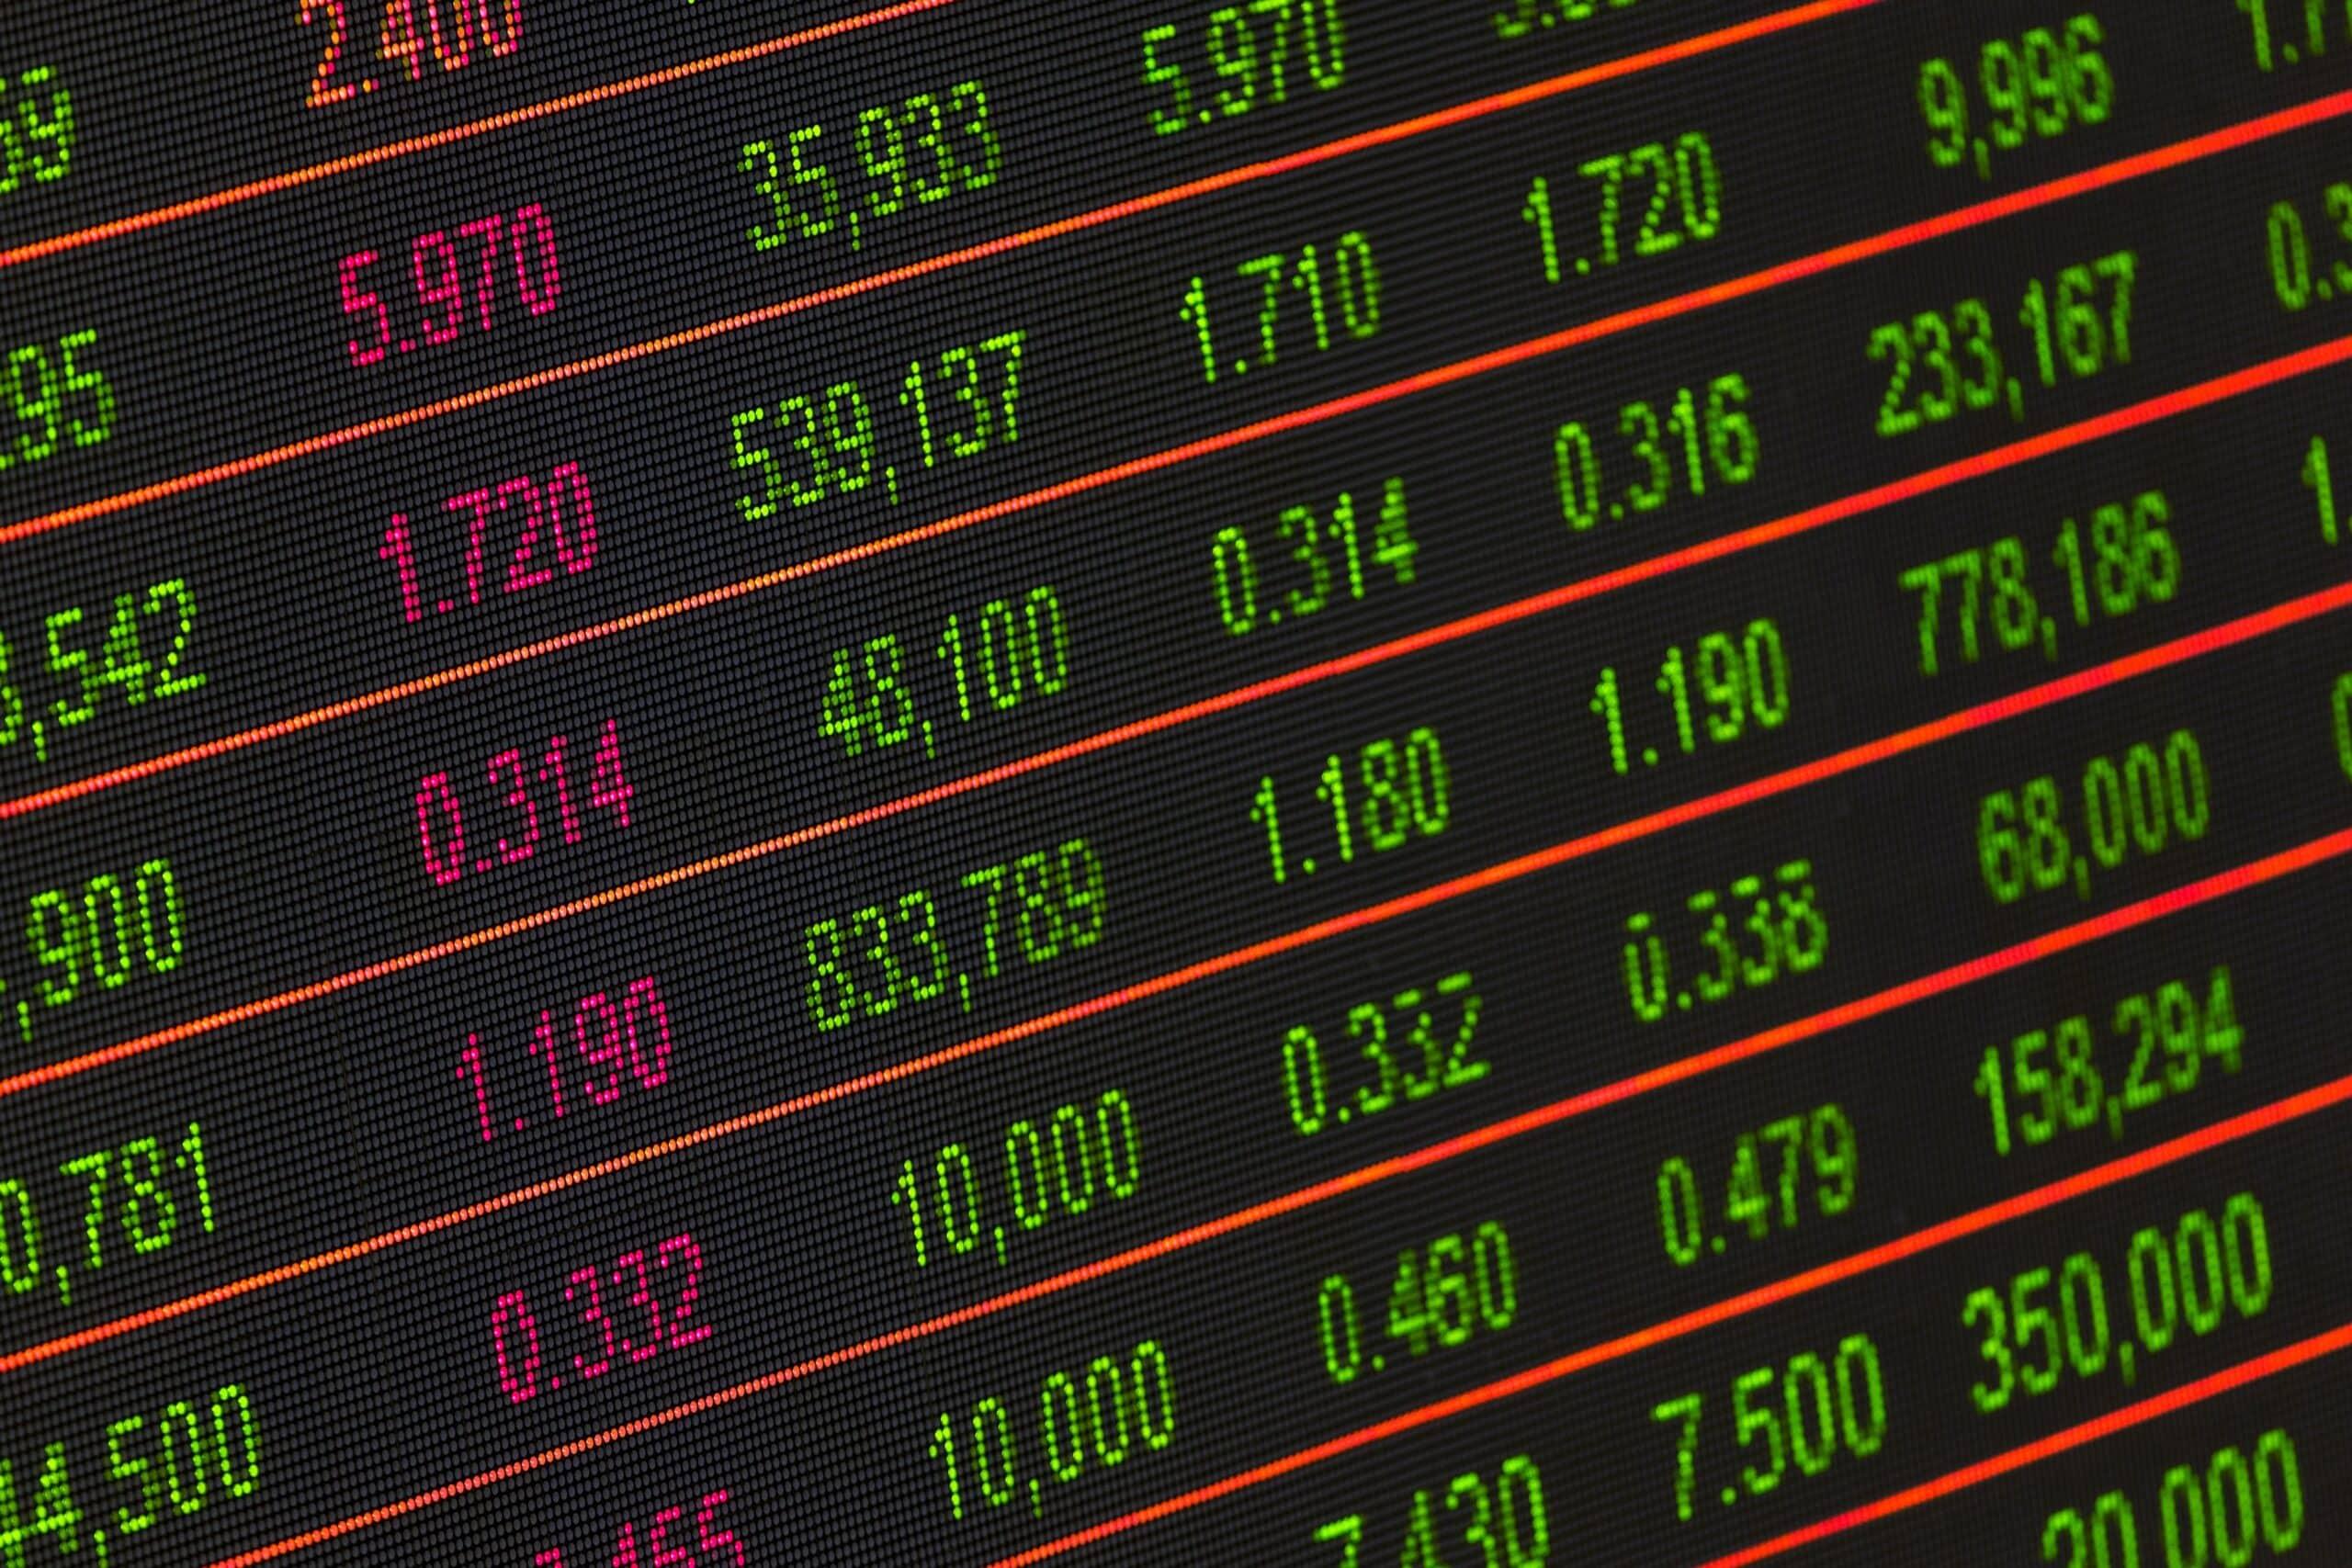 analise tecnica acoes Análise técnica: uma breve introdução para leigos